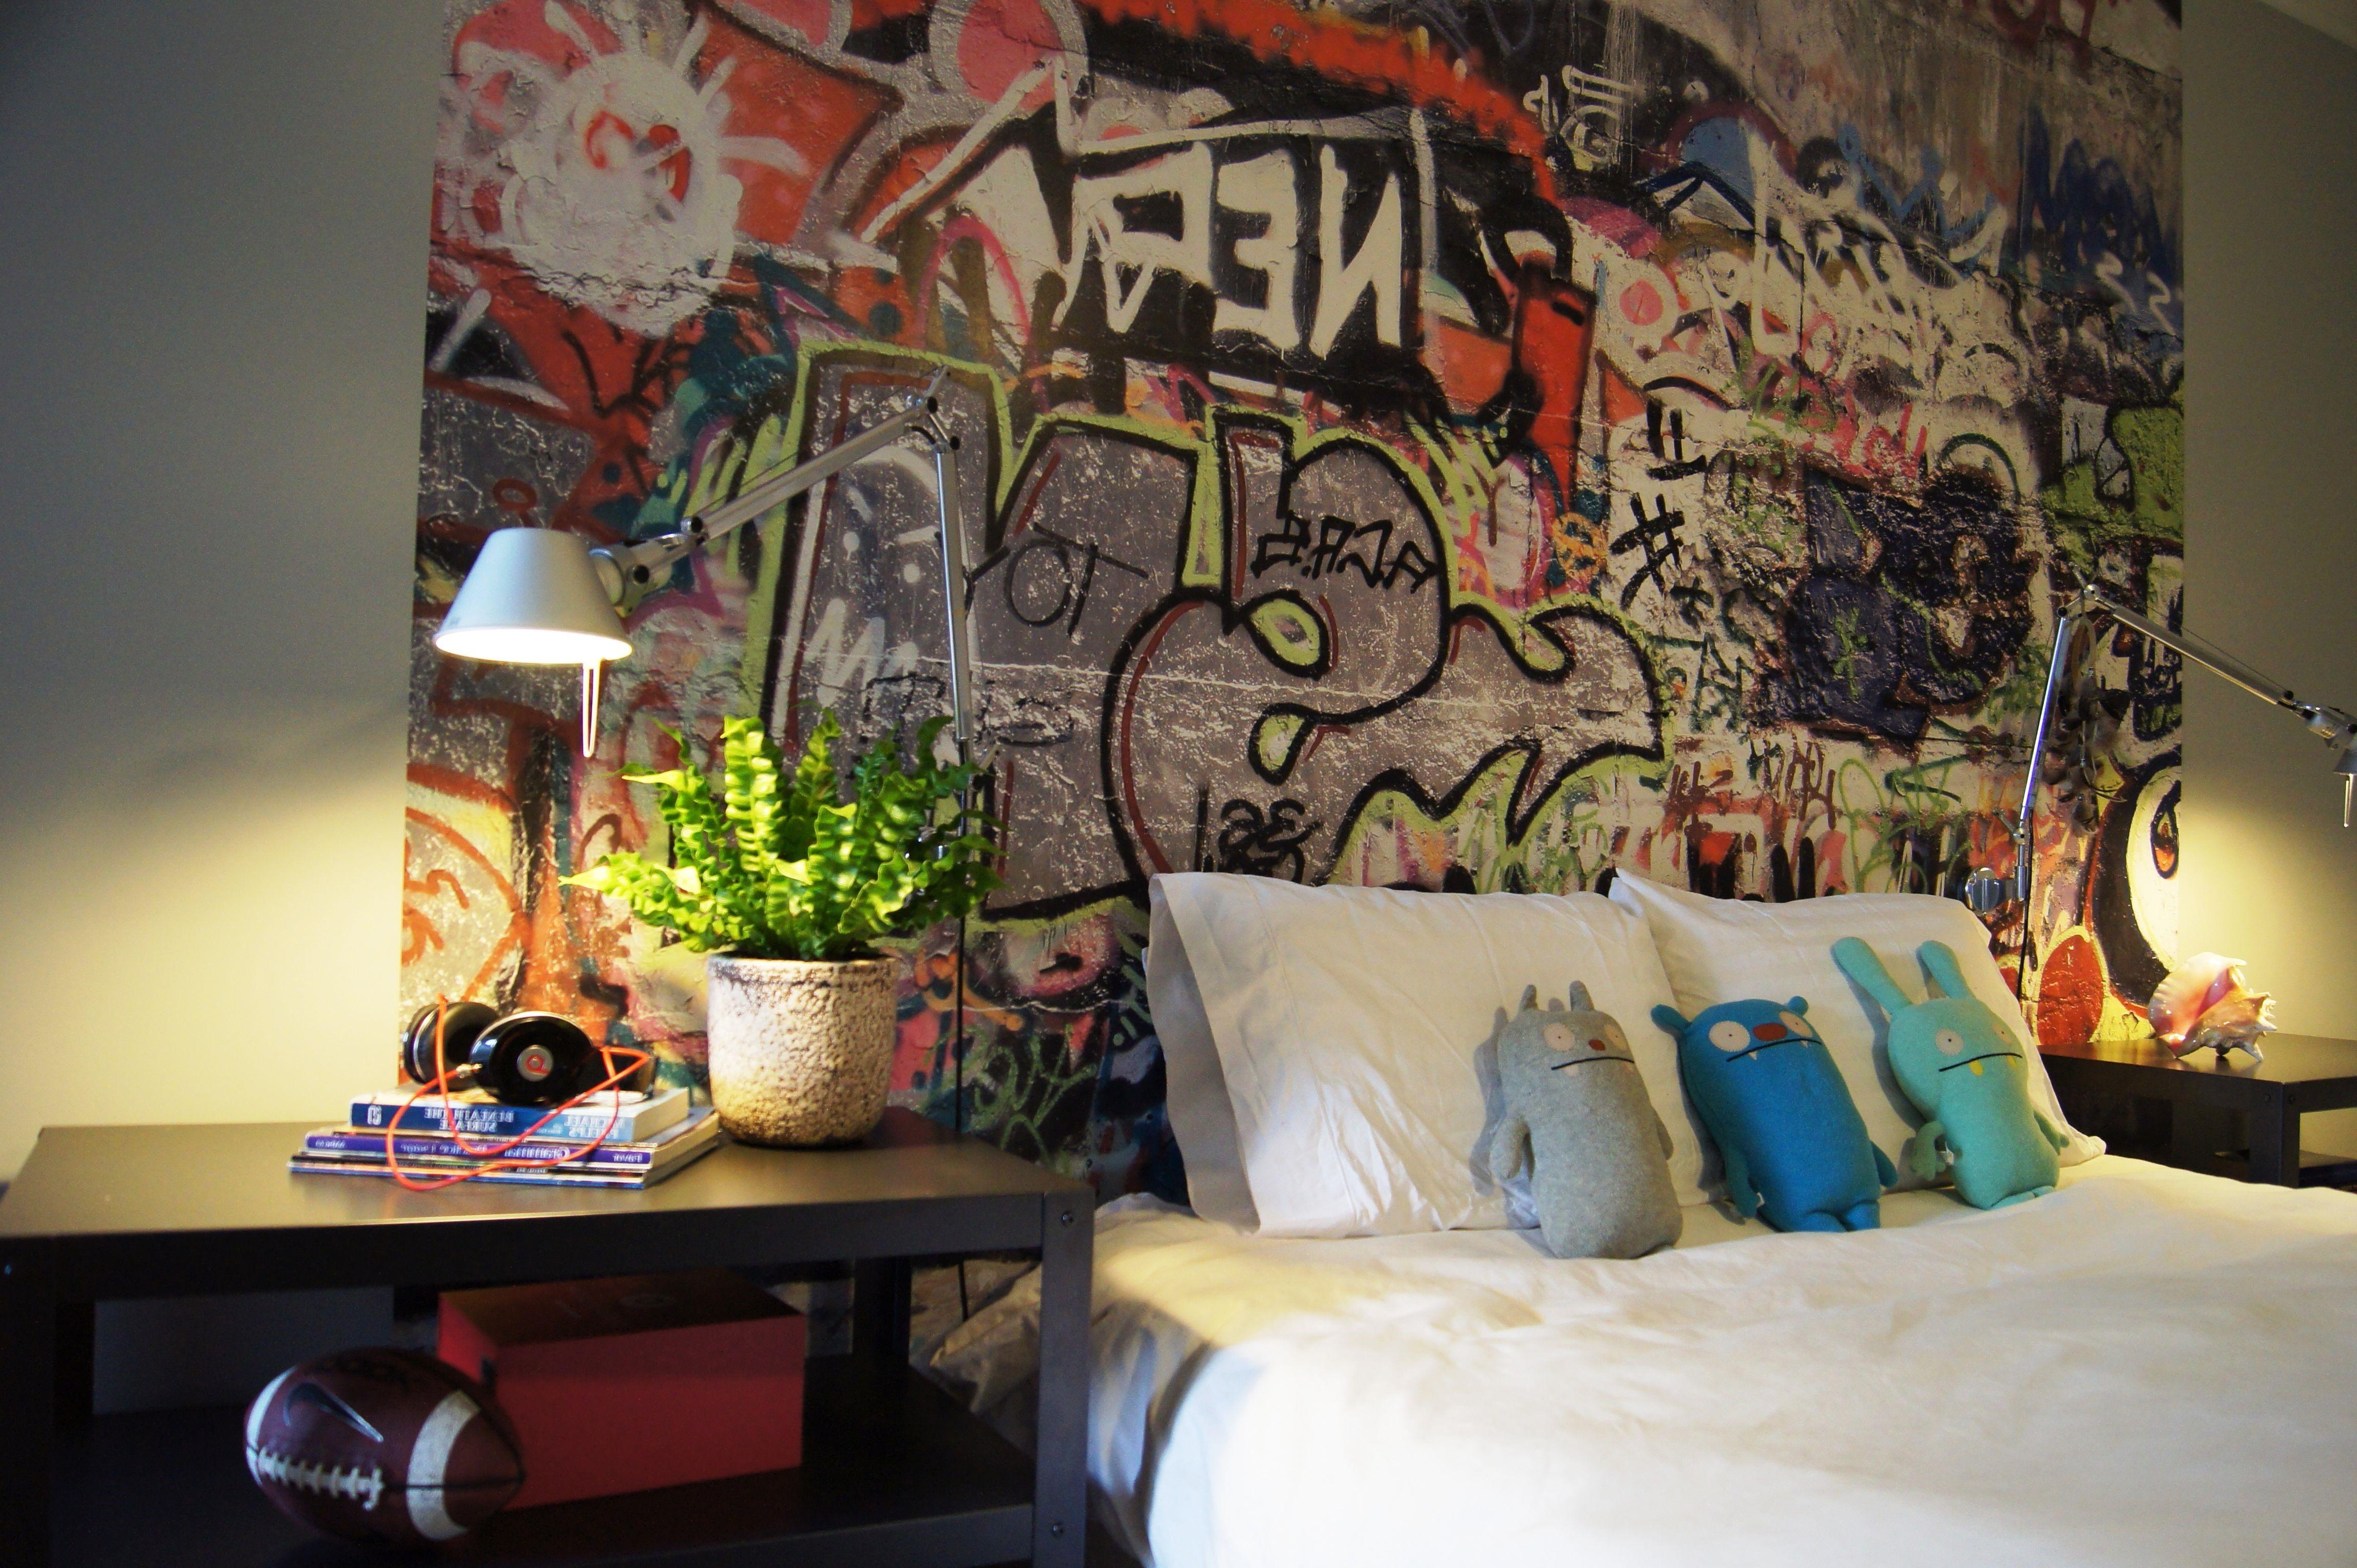 Une autre conception intéressante avec des graffitis.